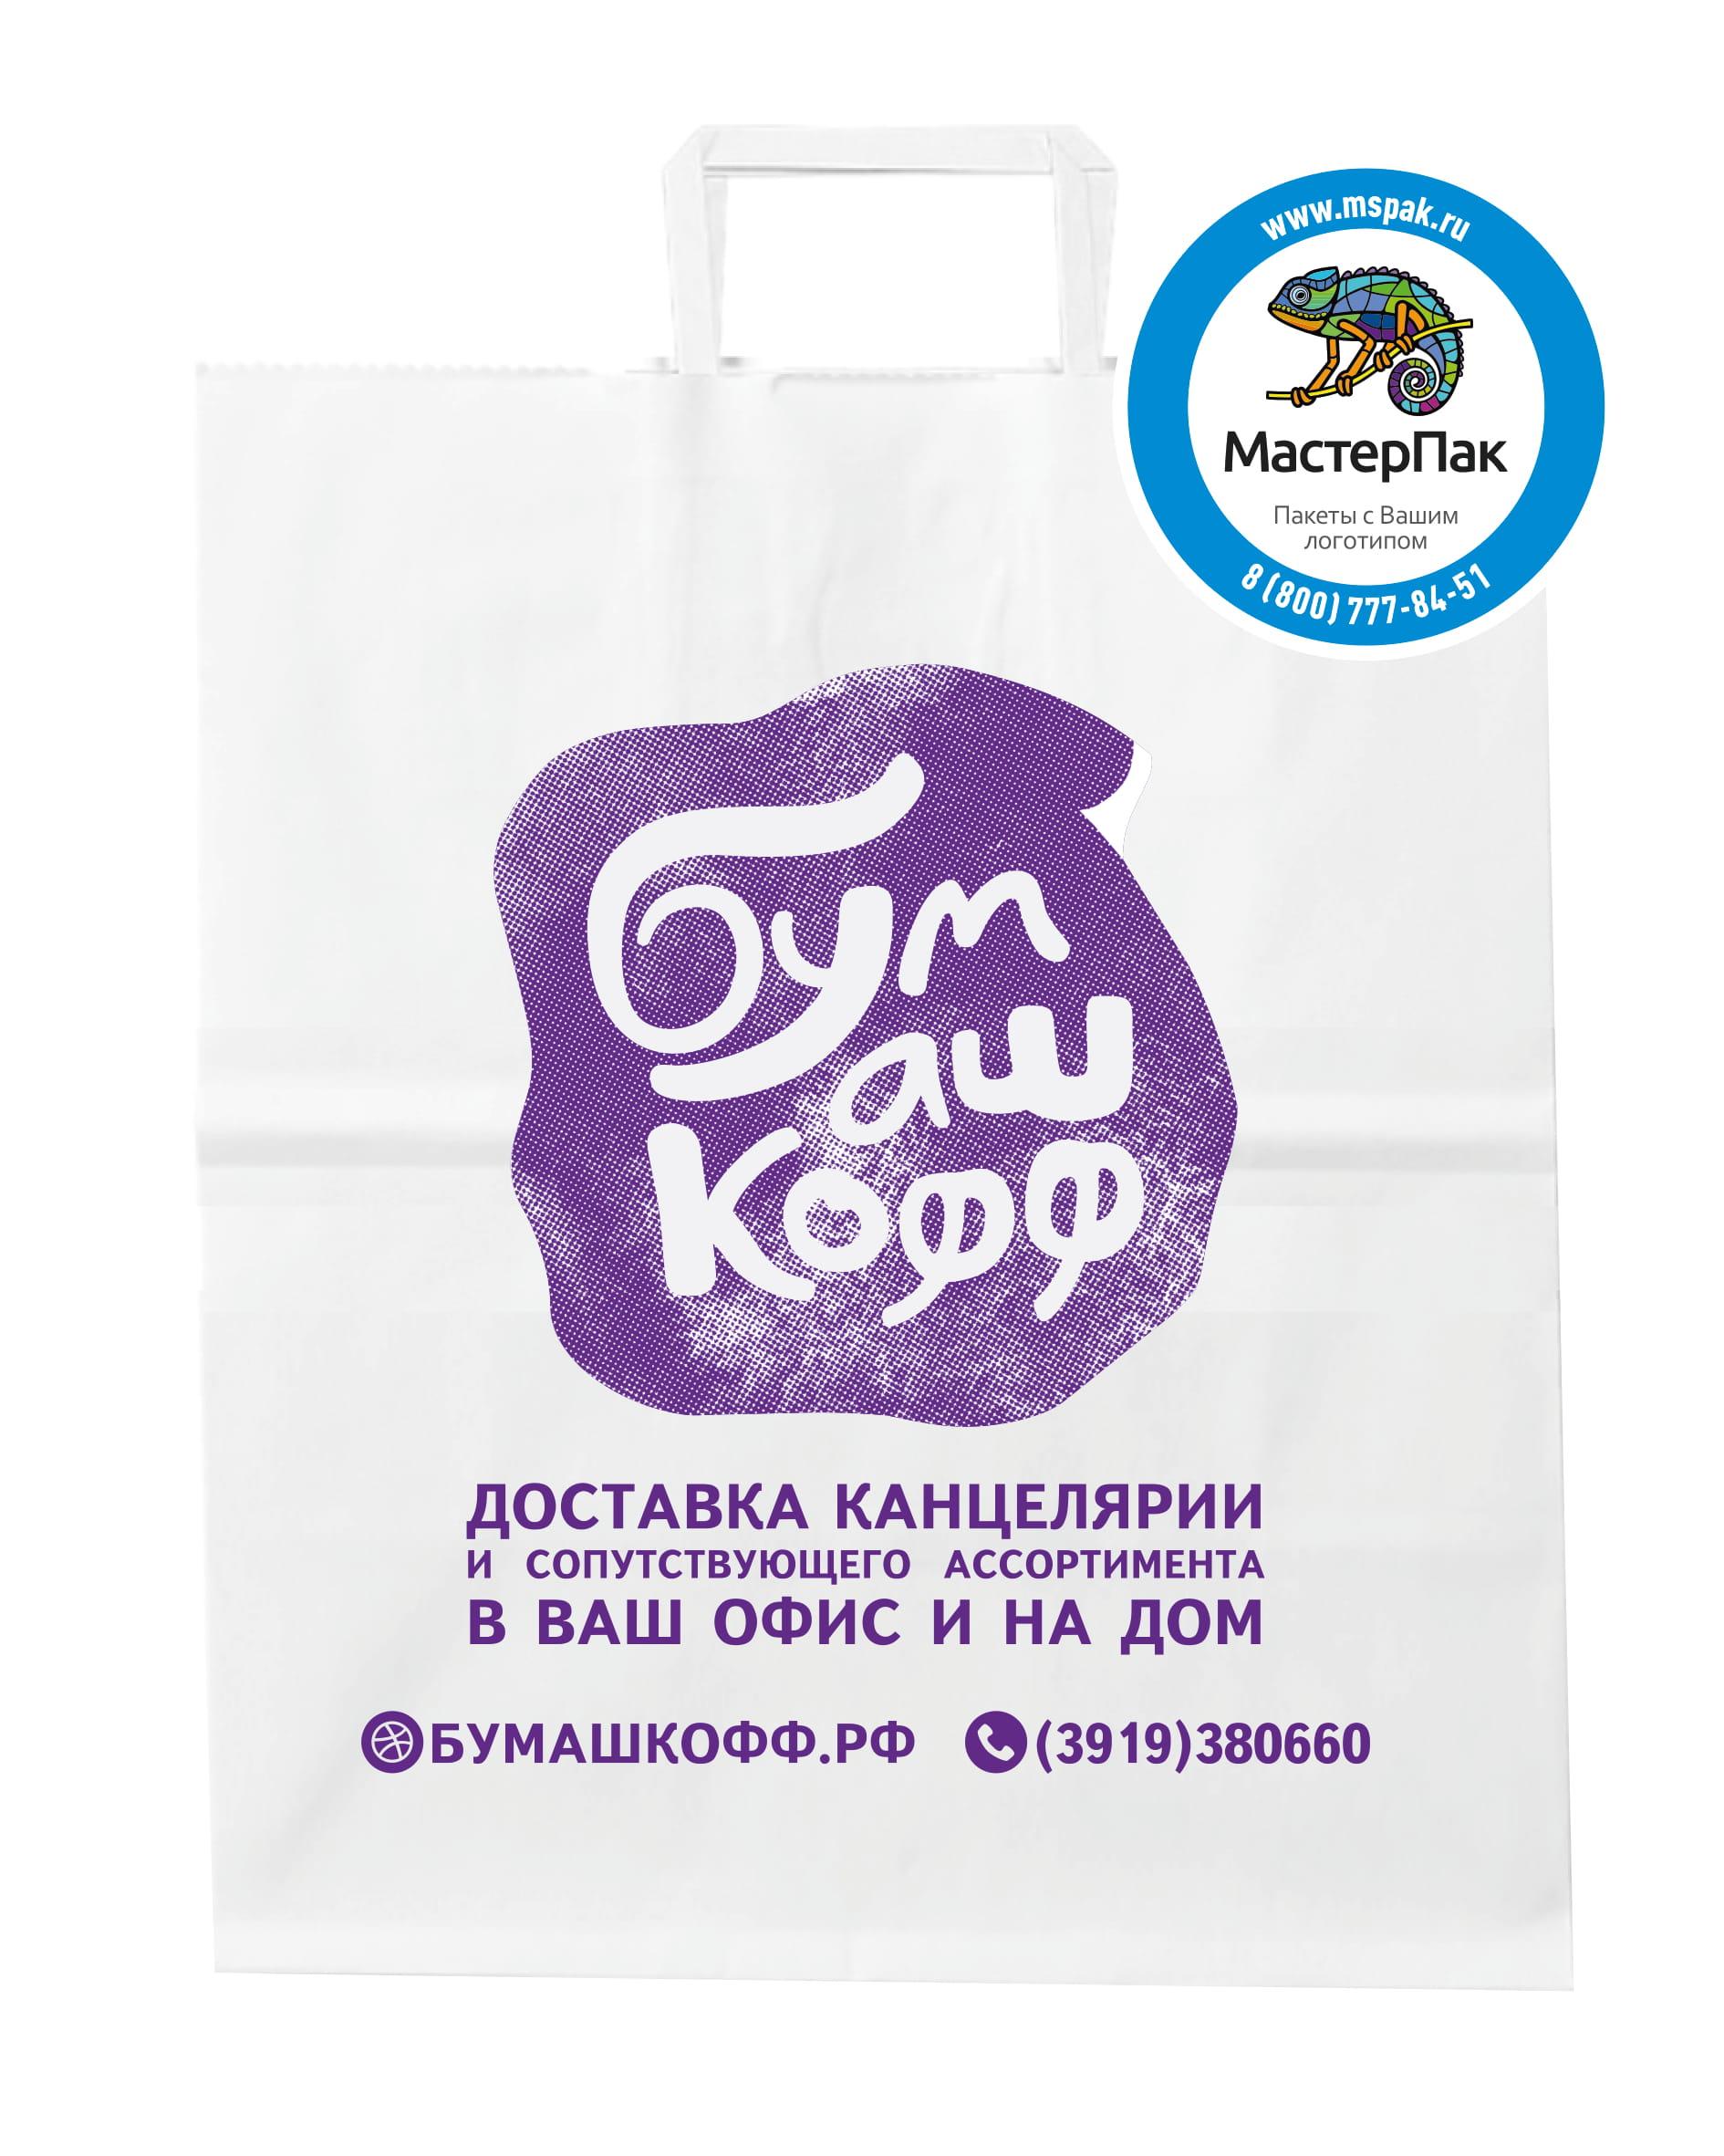 pakety11 03